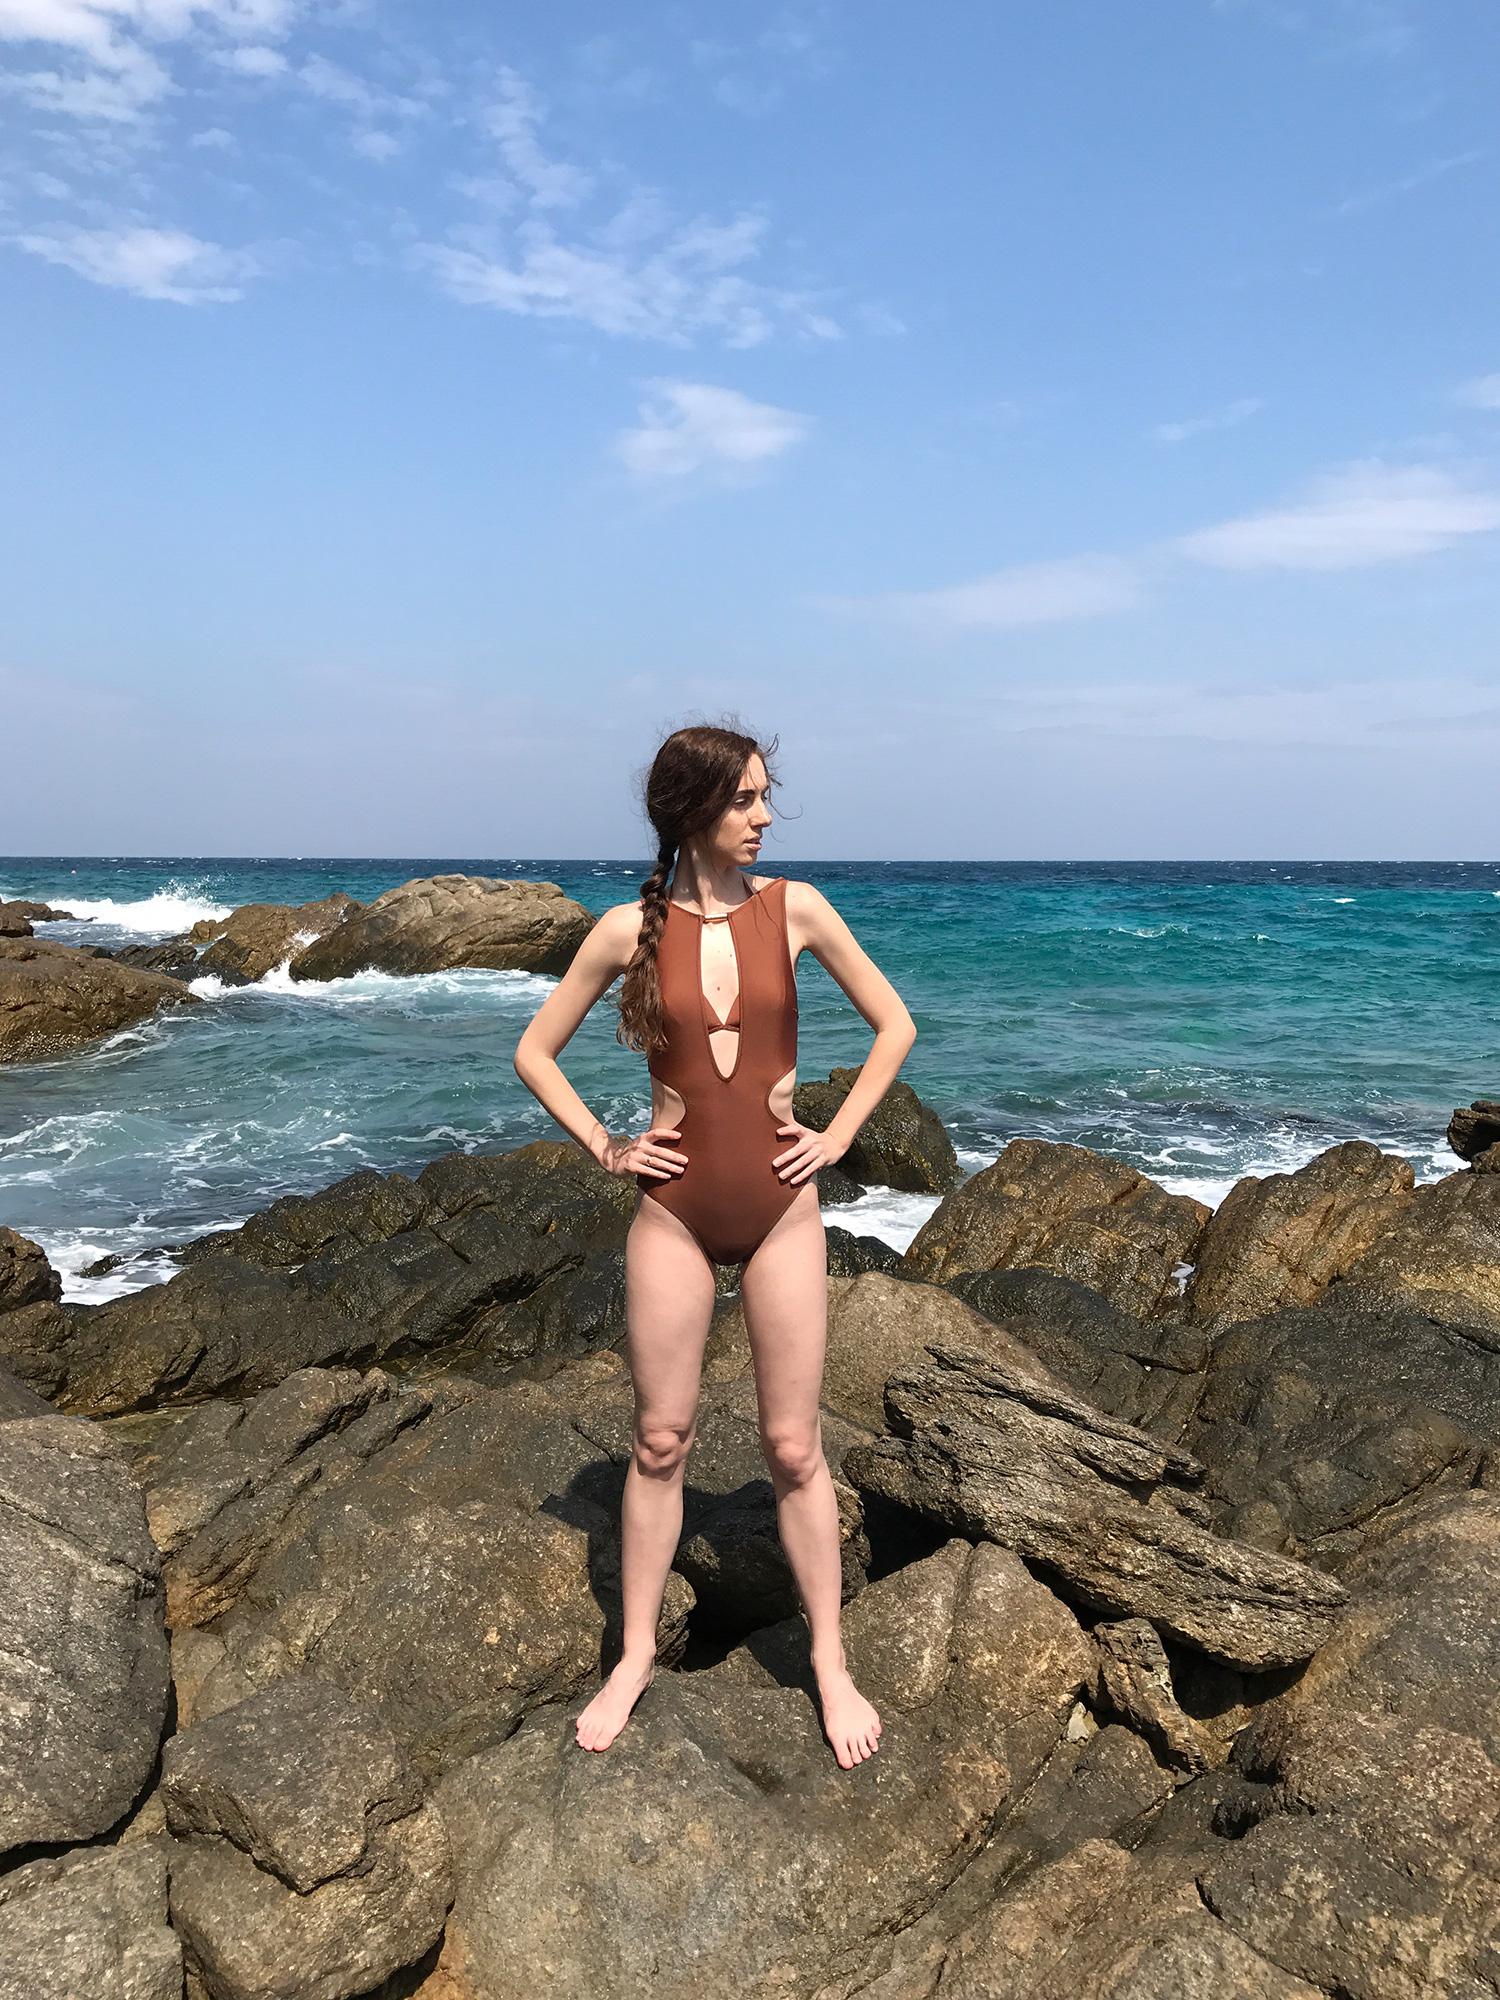 Обзор купальника Annebra в журнале GB {Garterblog.ru}. Все права на фото и текст защищены.